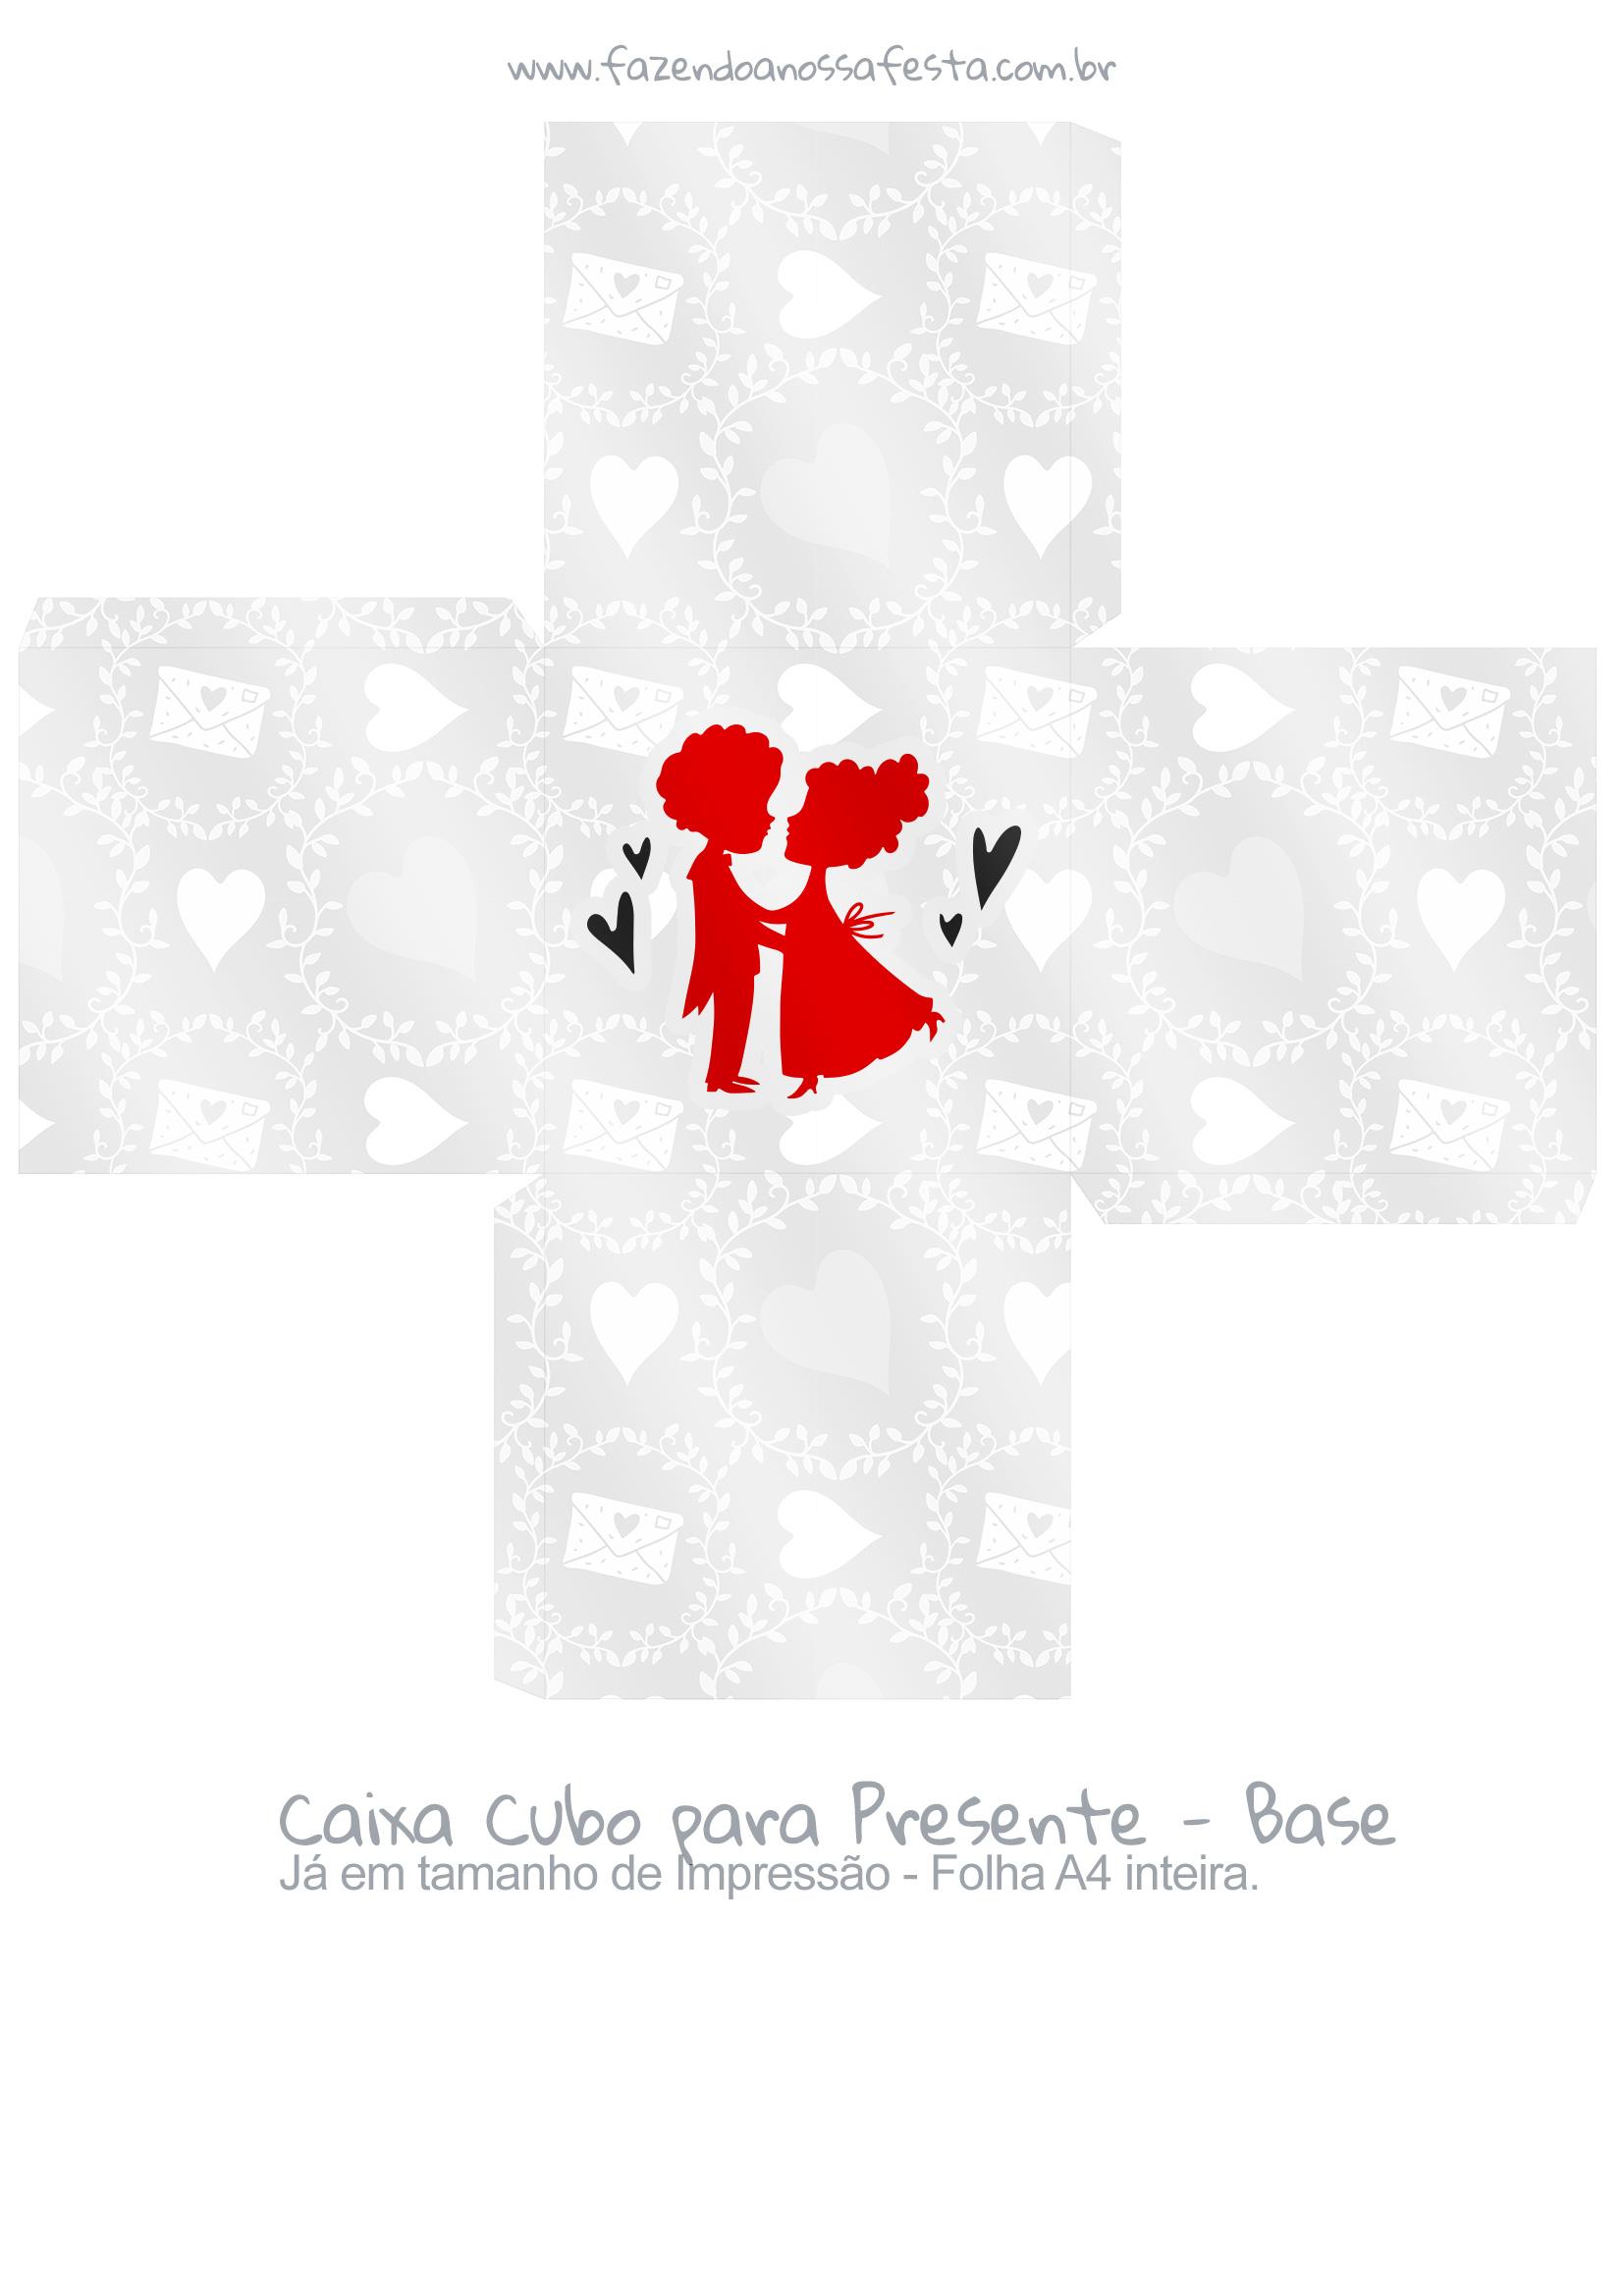 Caixa Cubo Dia dos Namorados Casal Apaixonado - base